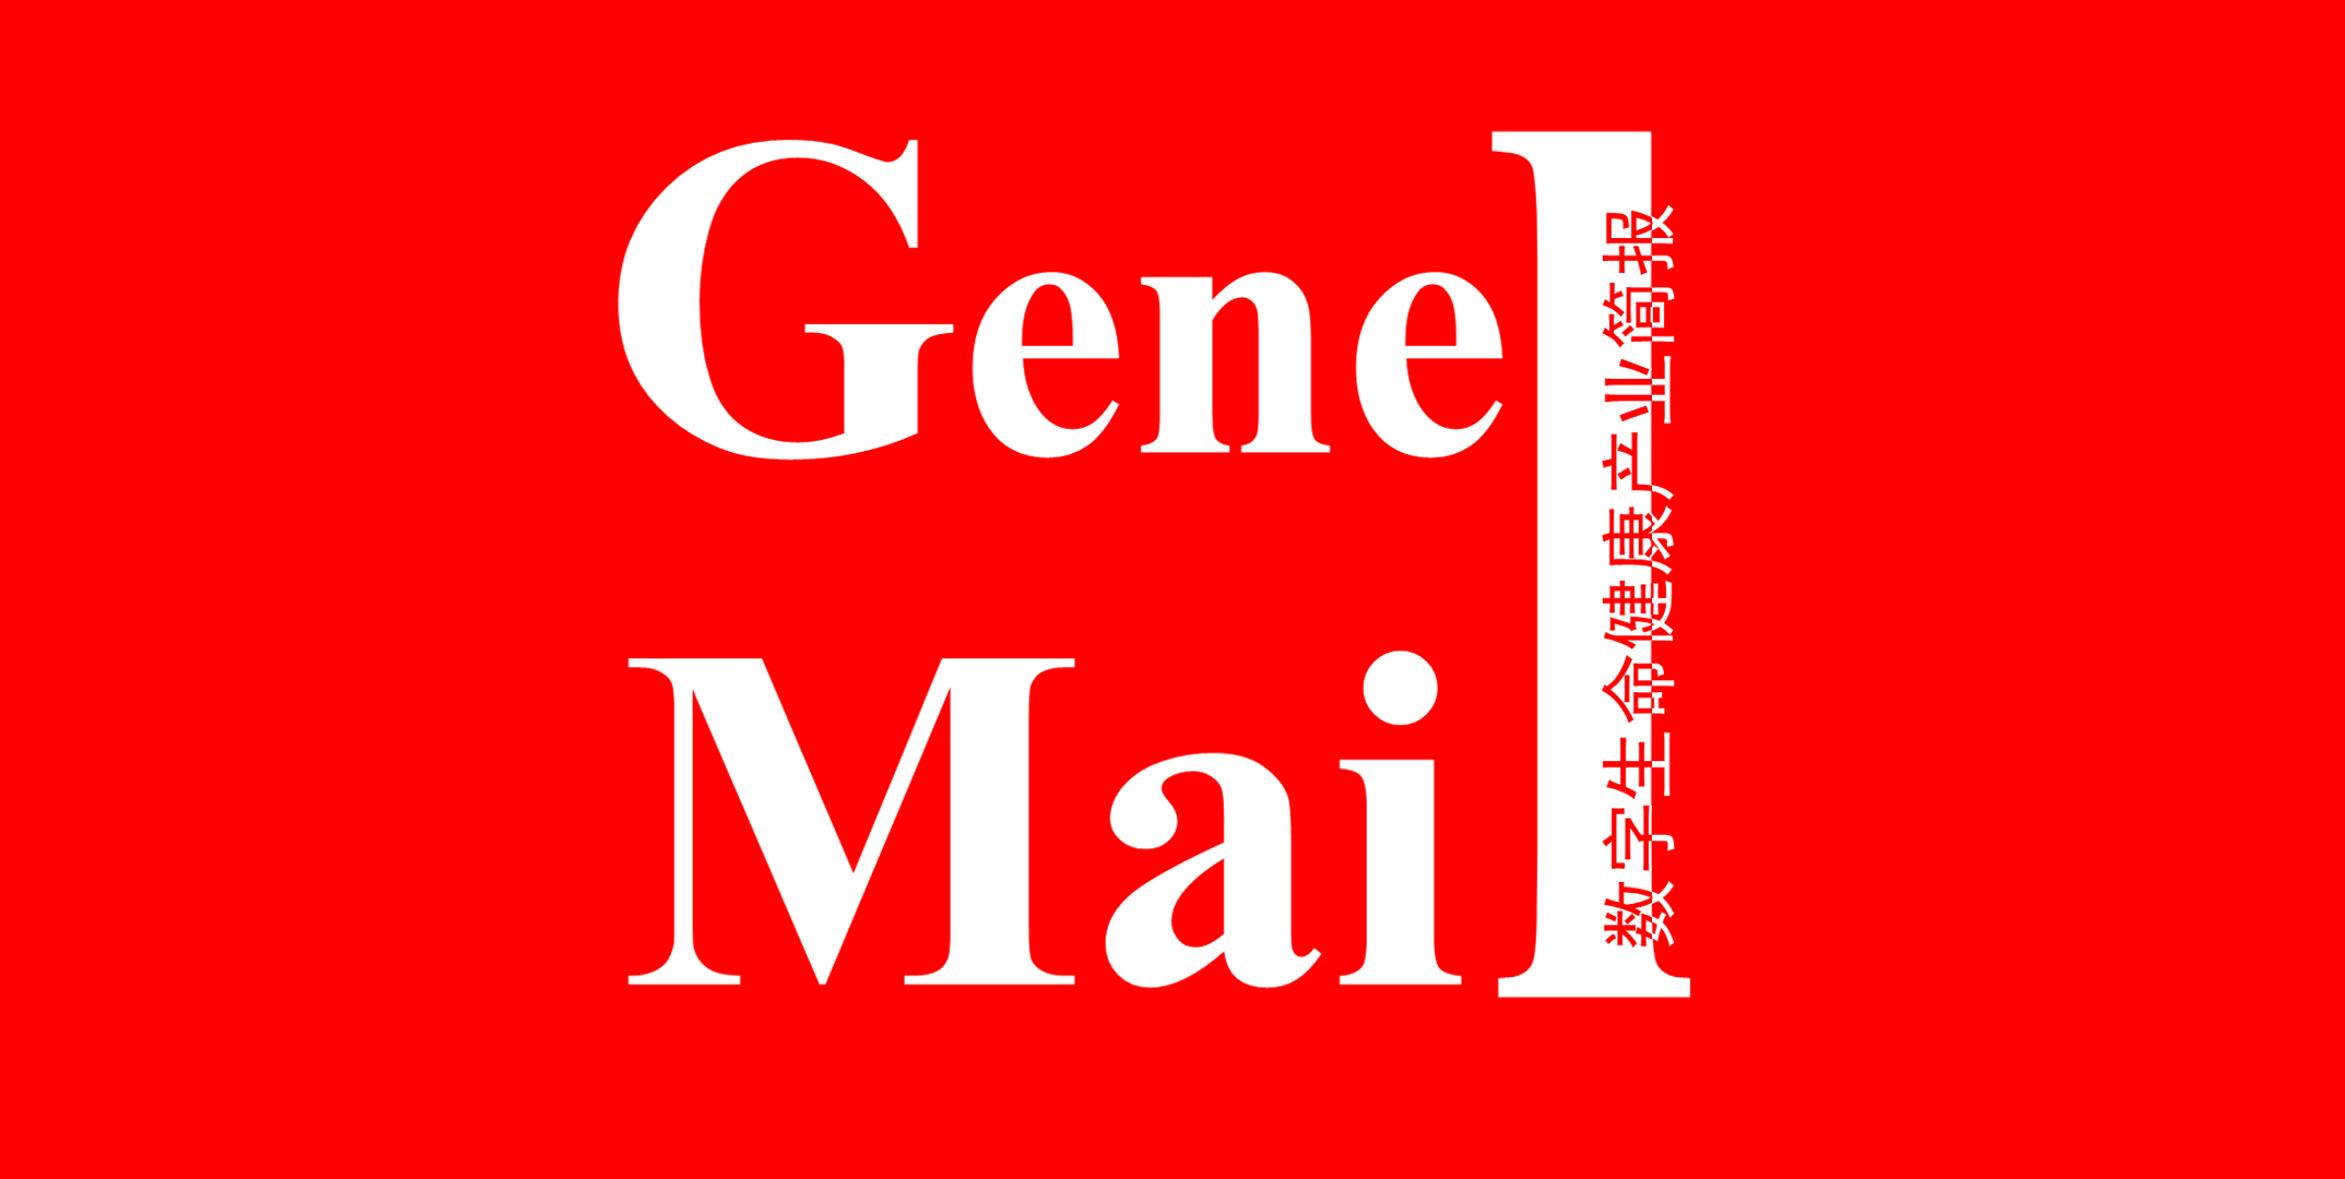 基因周报:生信大牛Aviv Regev出任基因泰克研发负责人